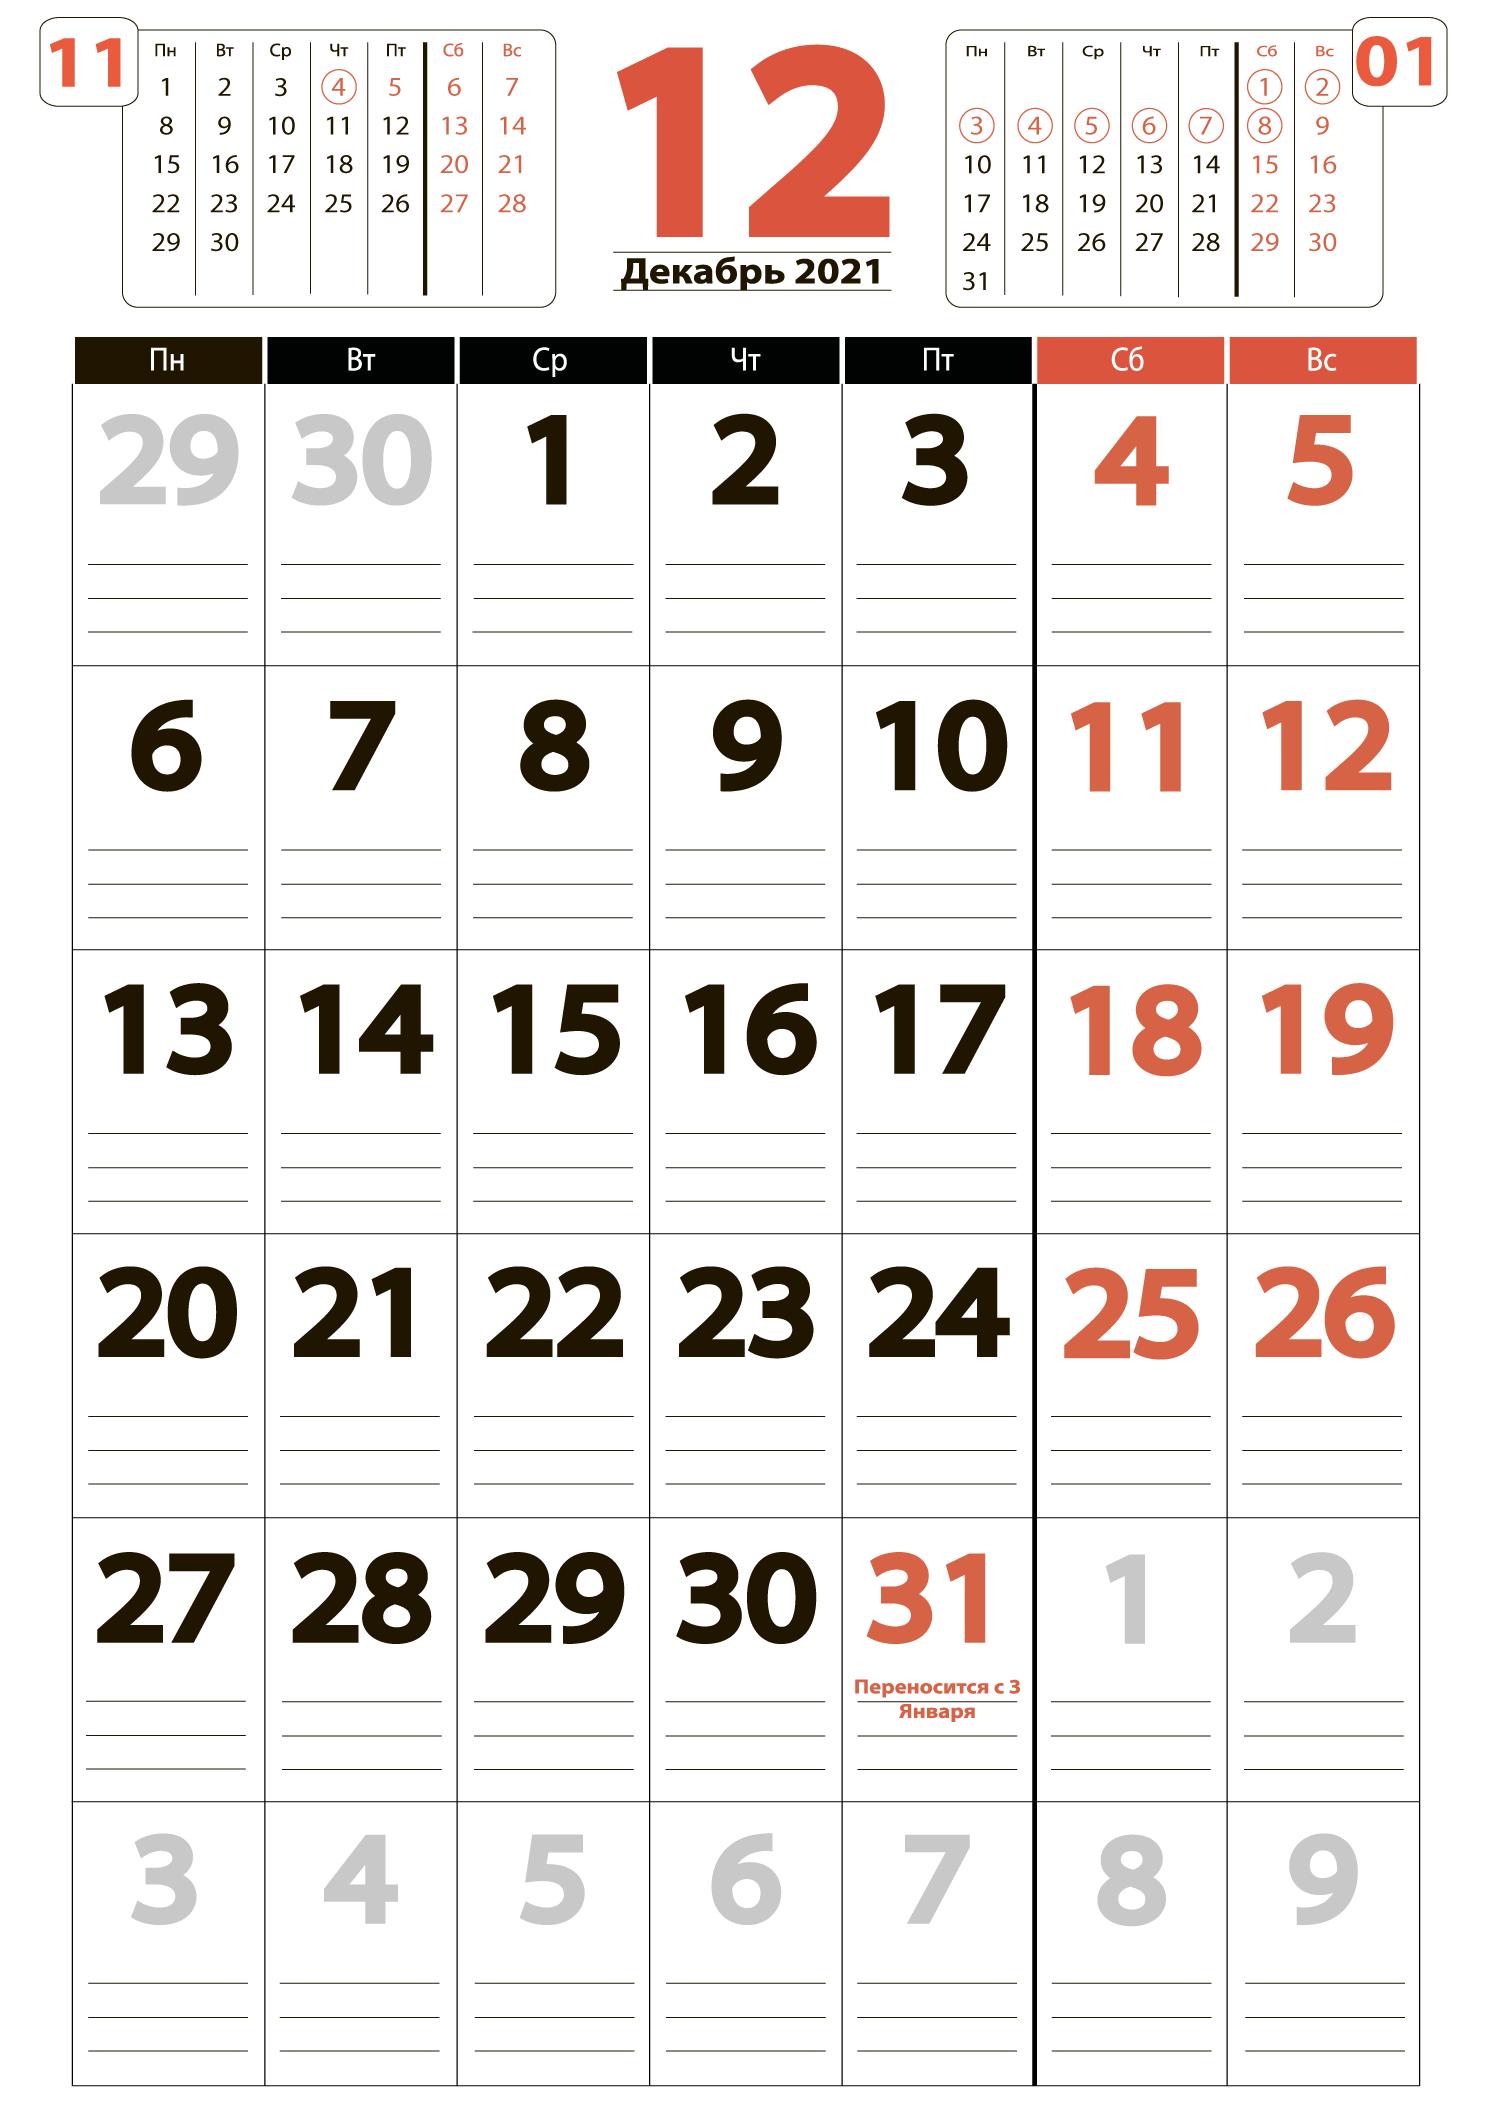 Печать крупного календаря на декабрь 2021